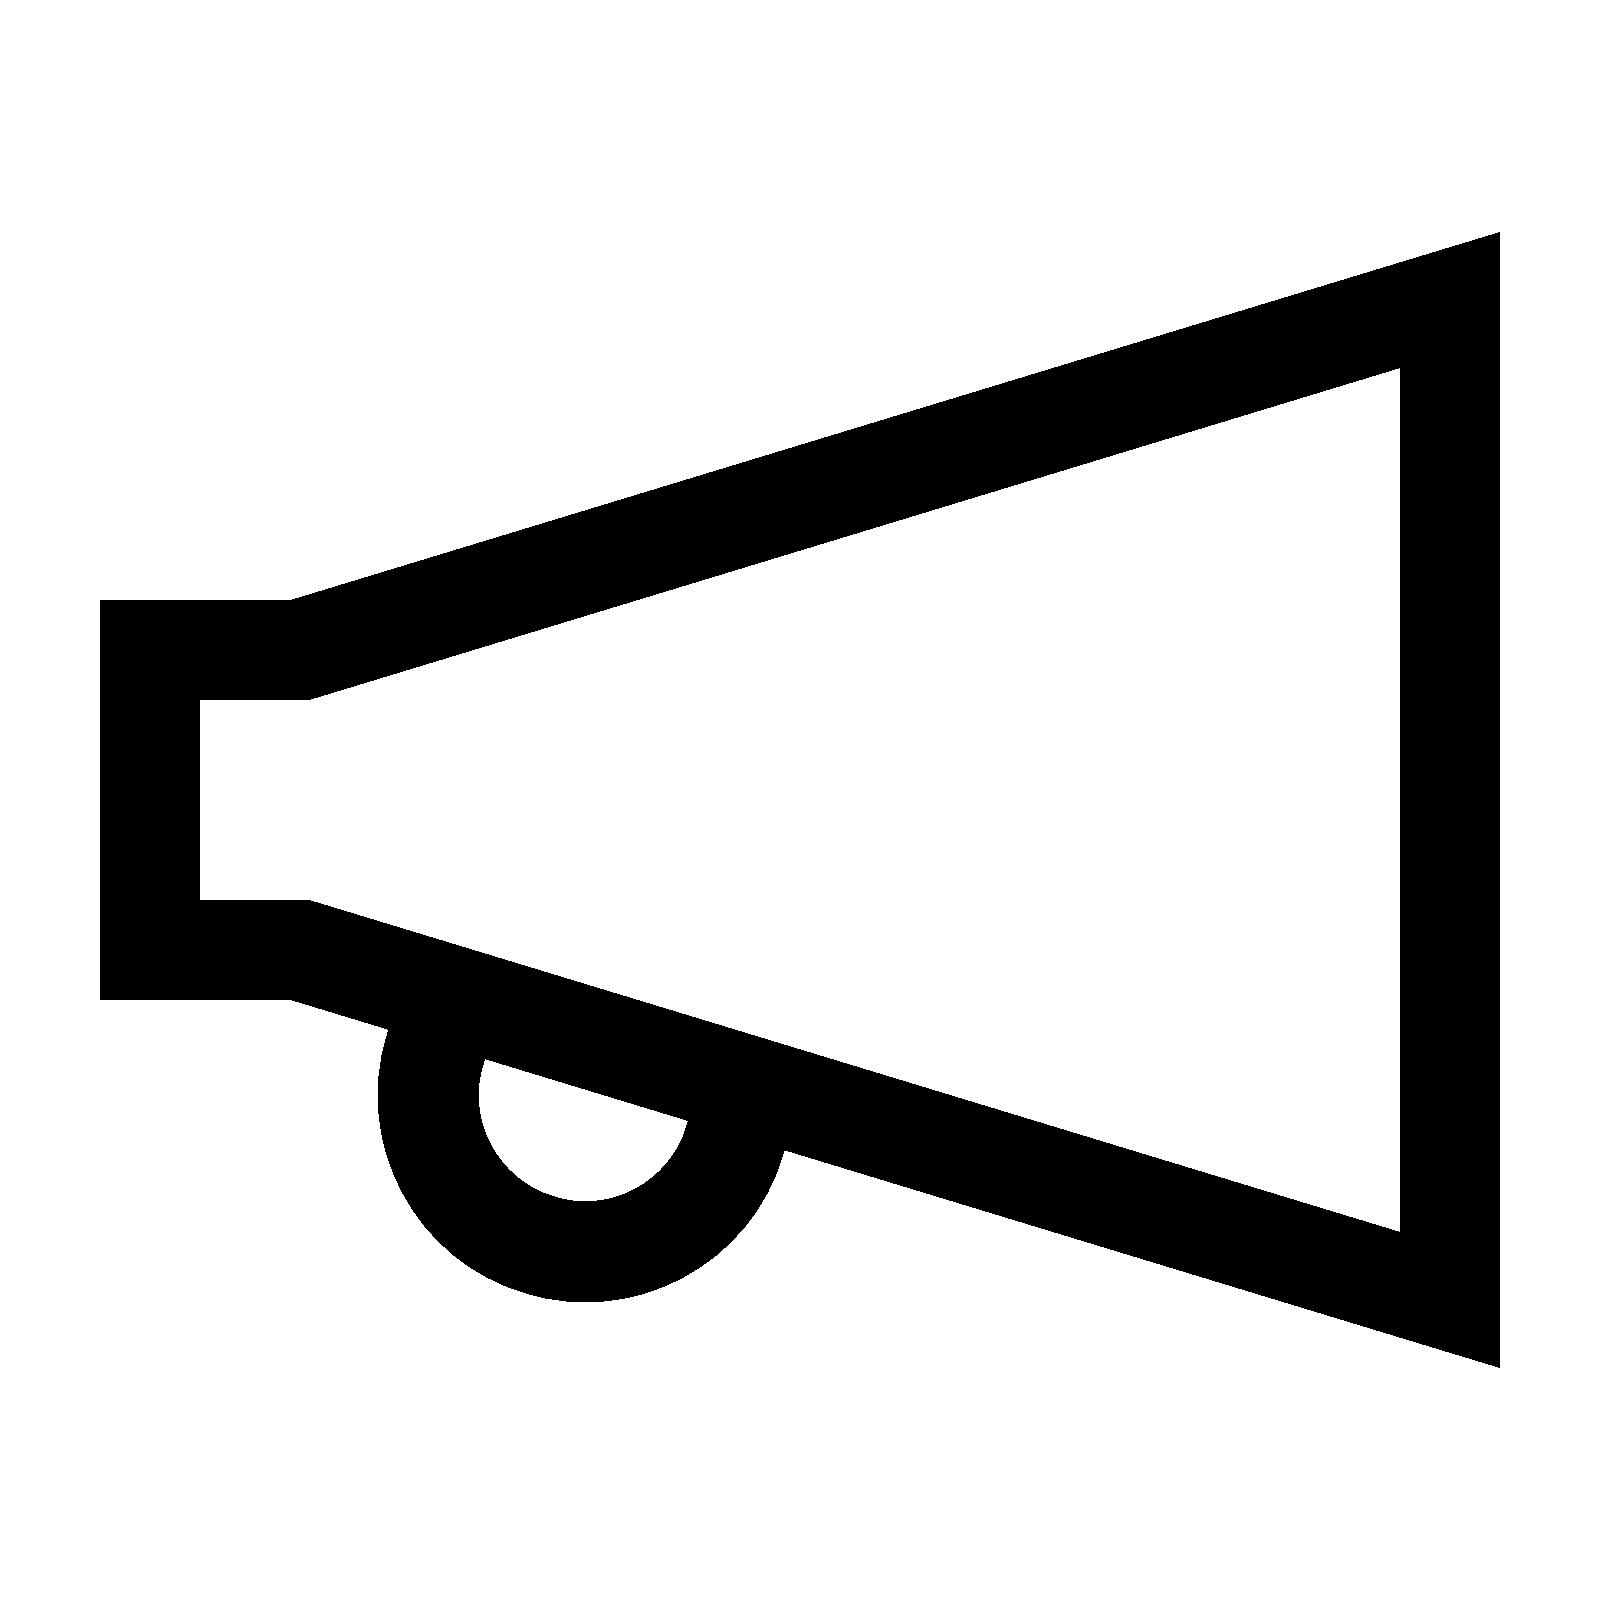 PNG Megaphone Free - 44009